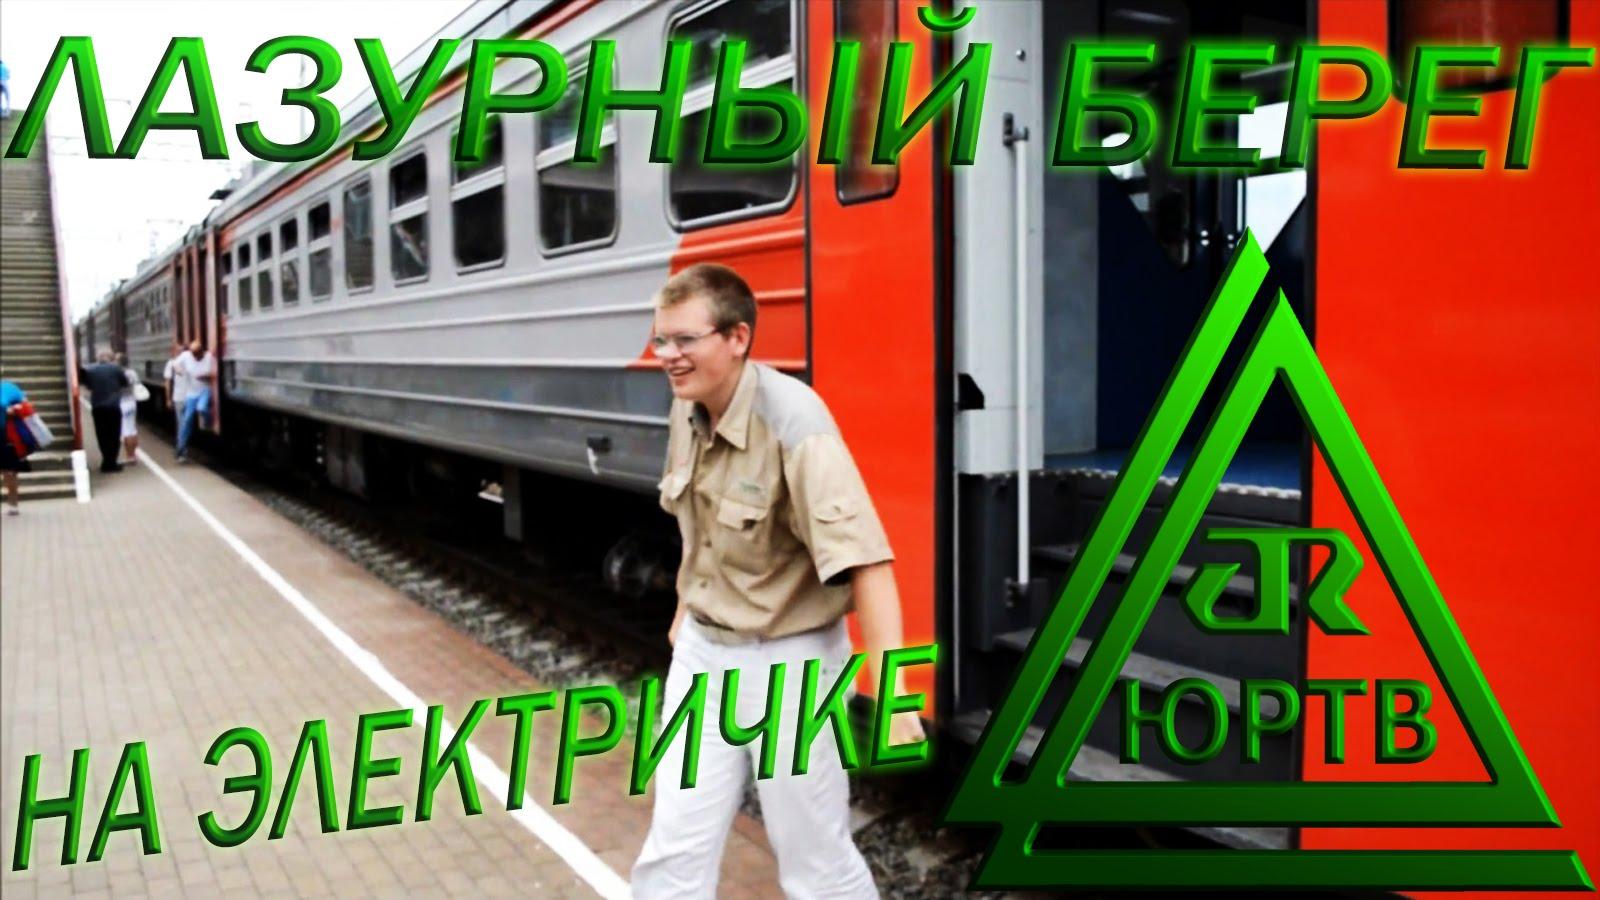 ЮРТВ 2013: Поездка на электричке в Головинку. Лазурный берег. [№054]